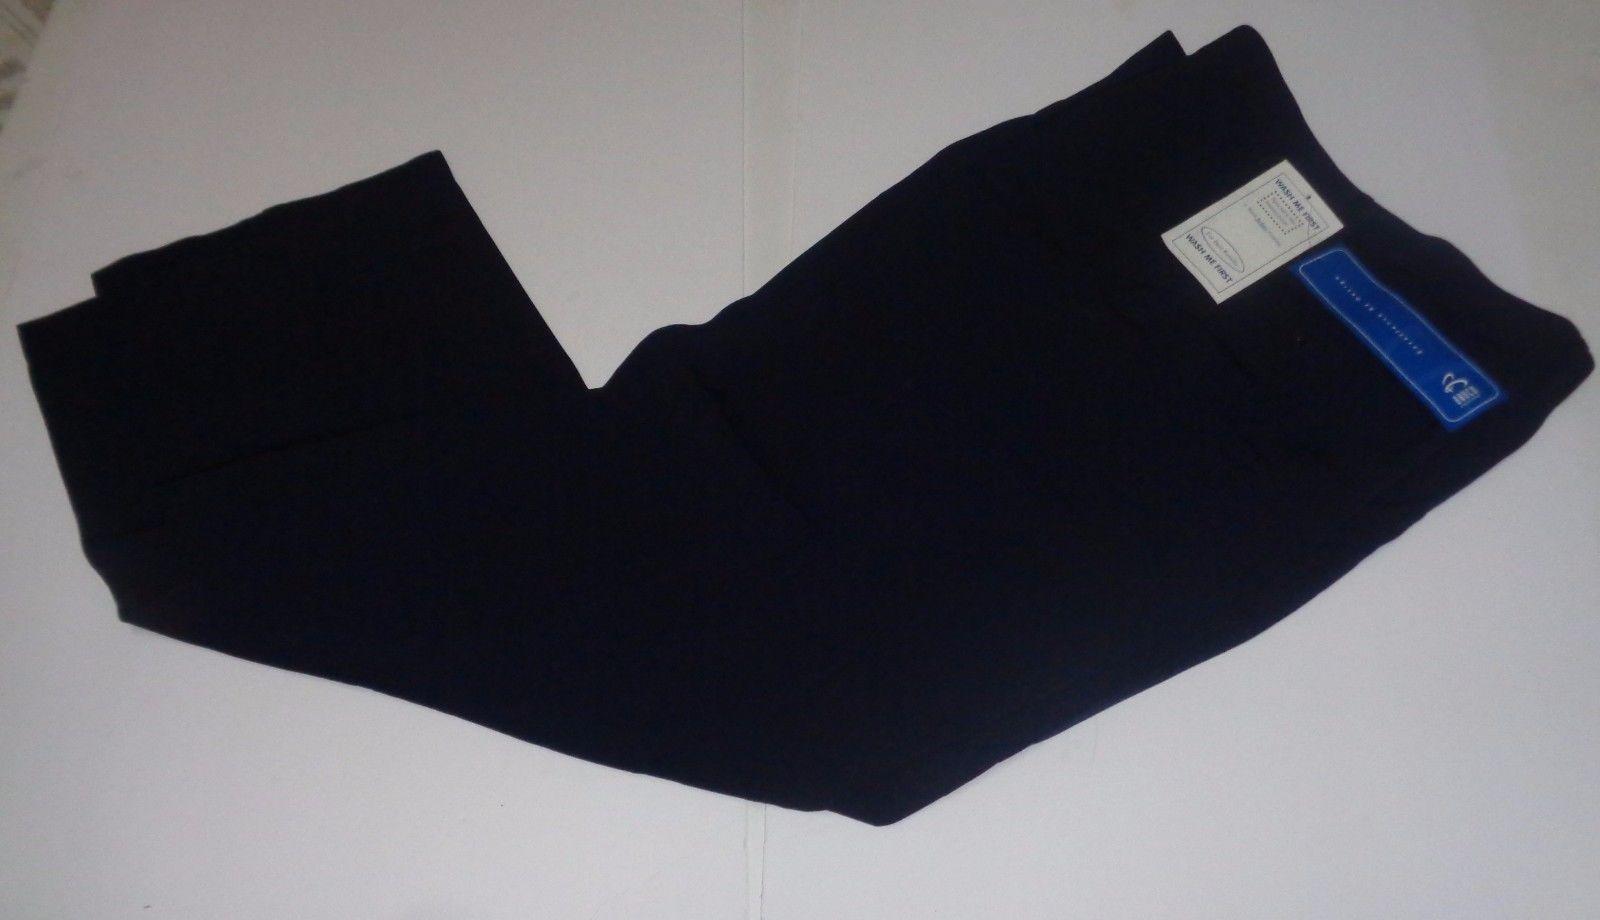 Barco Men's Uniform Navy Blue Work Slacks Pants NWT Sz 44